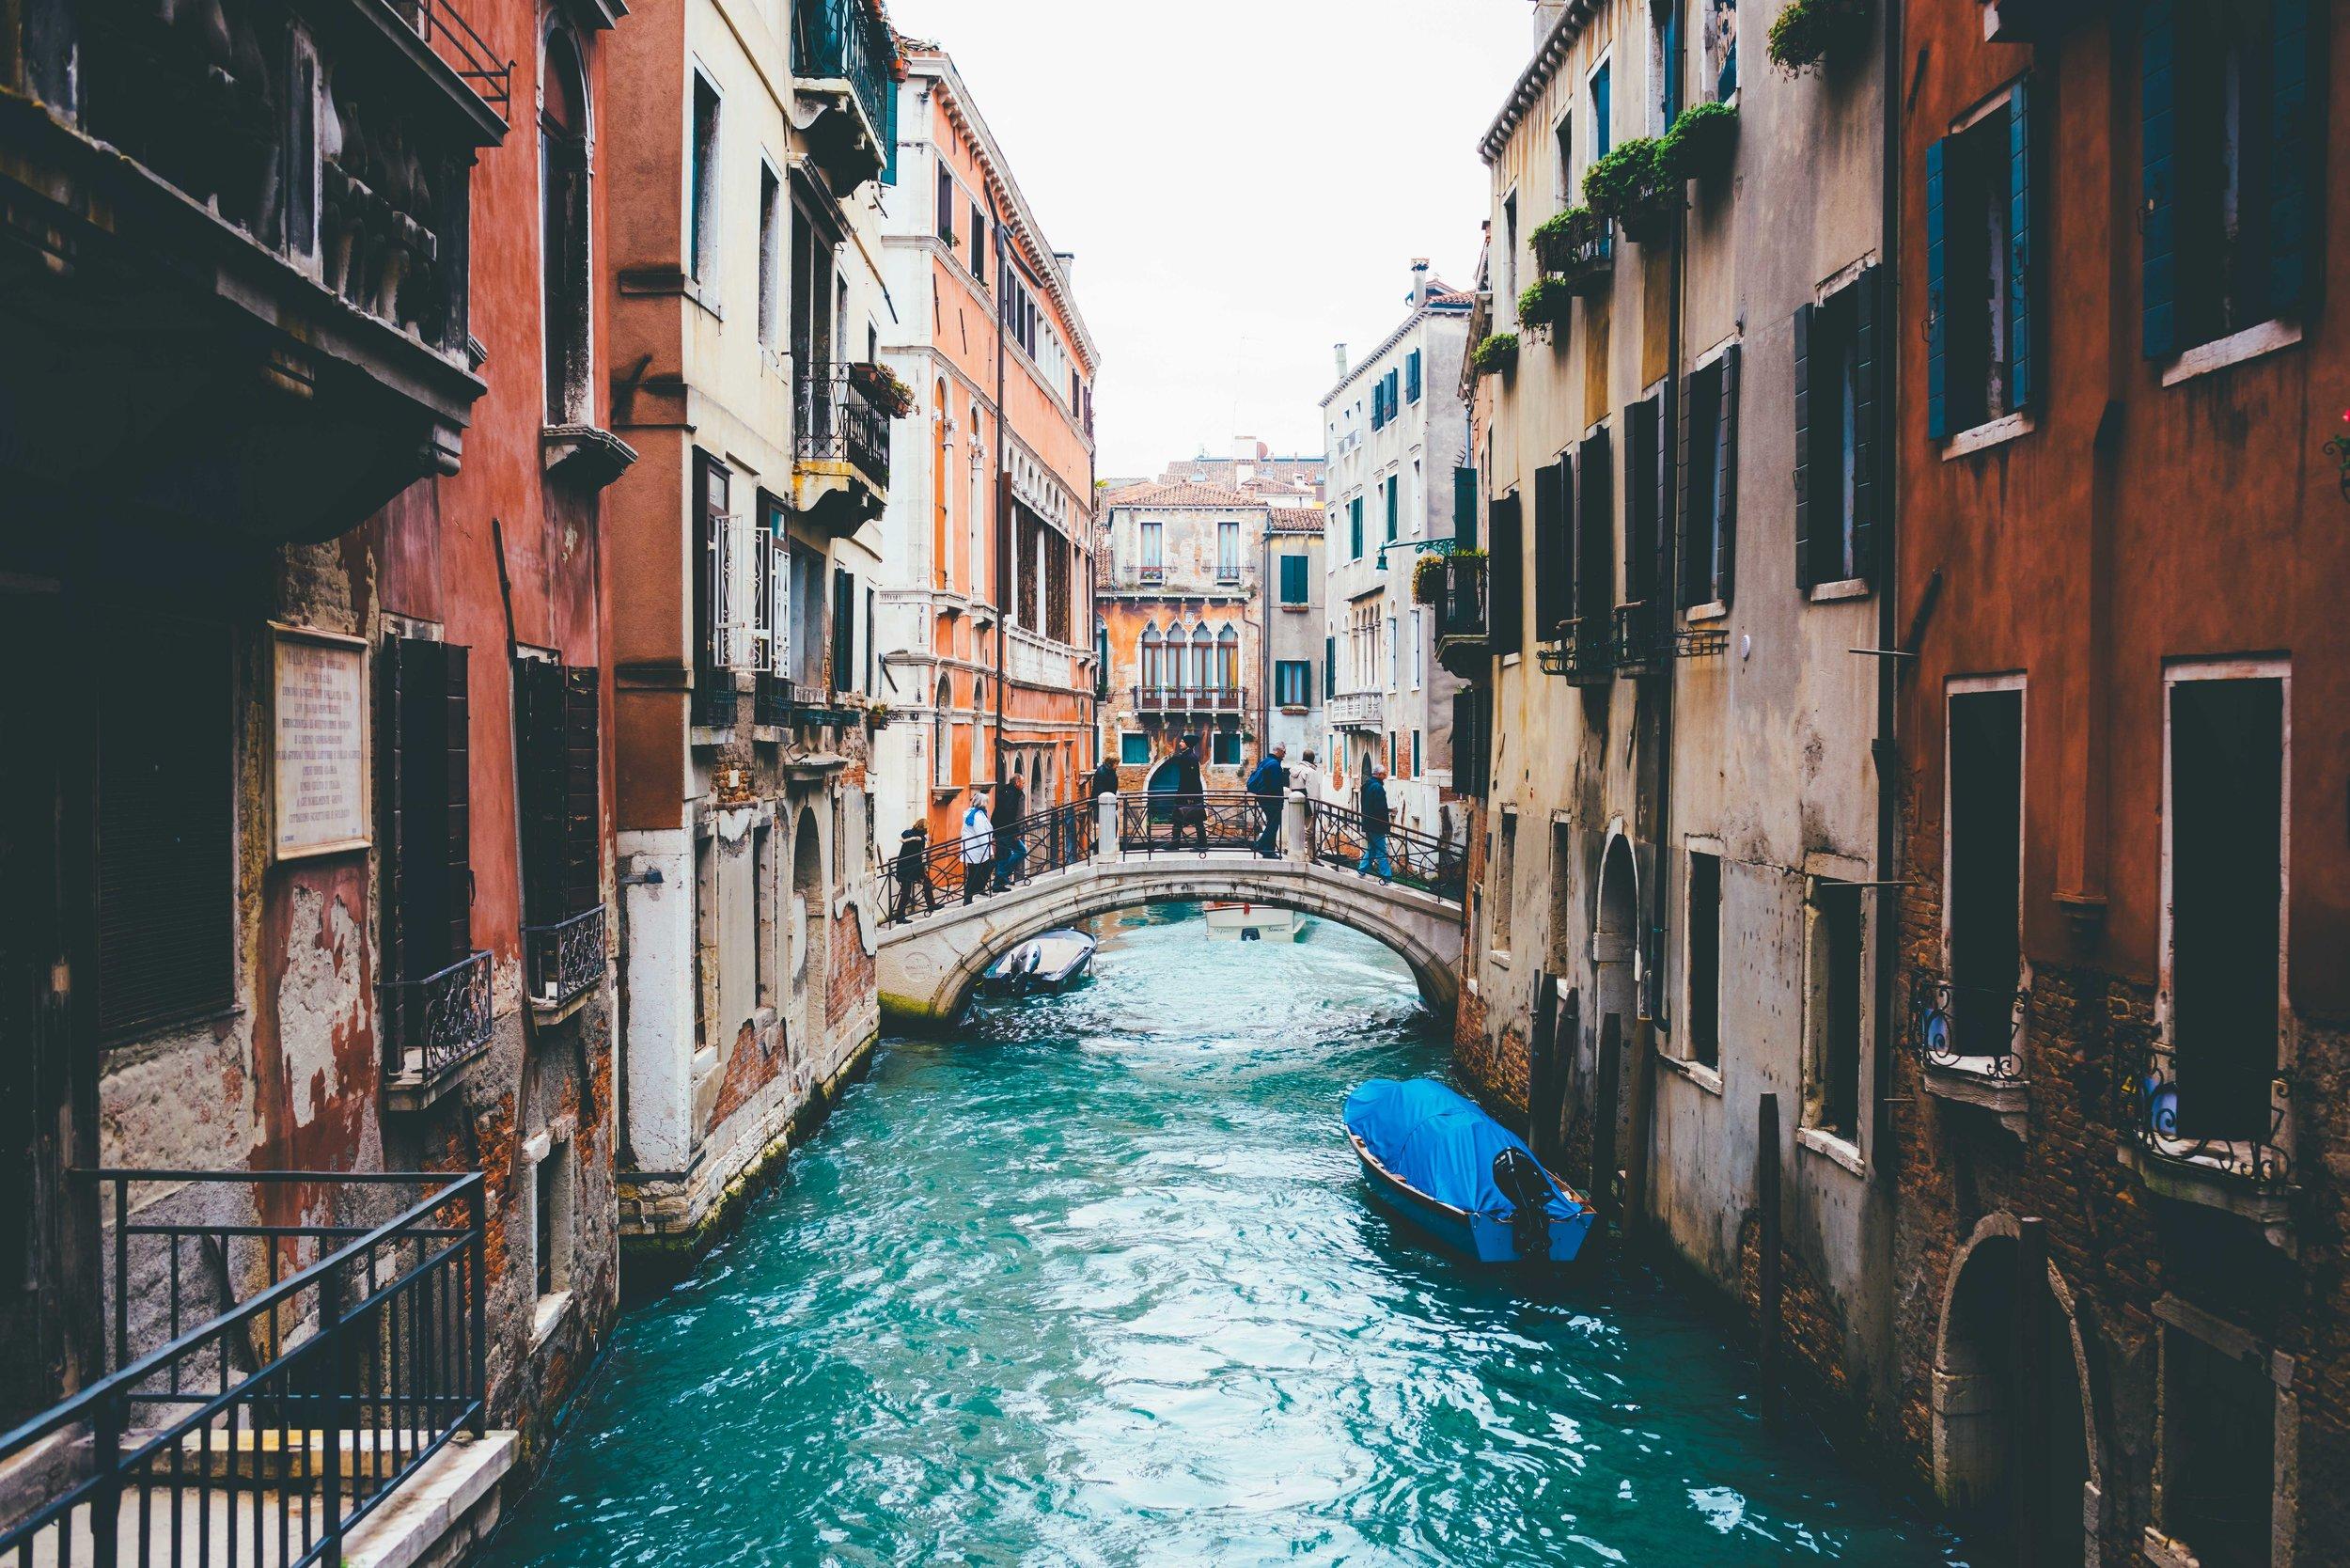 11_09-02-16 carnevale venezia-245.jpg